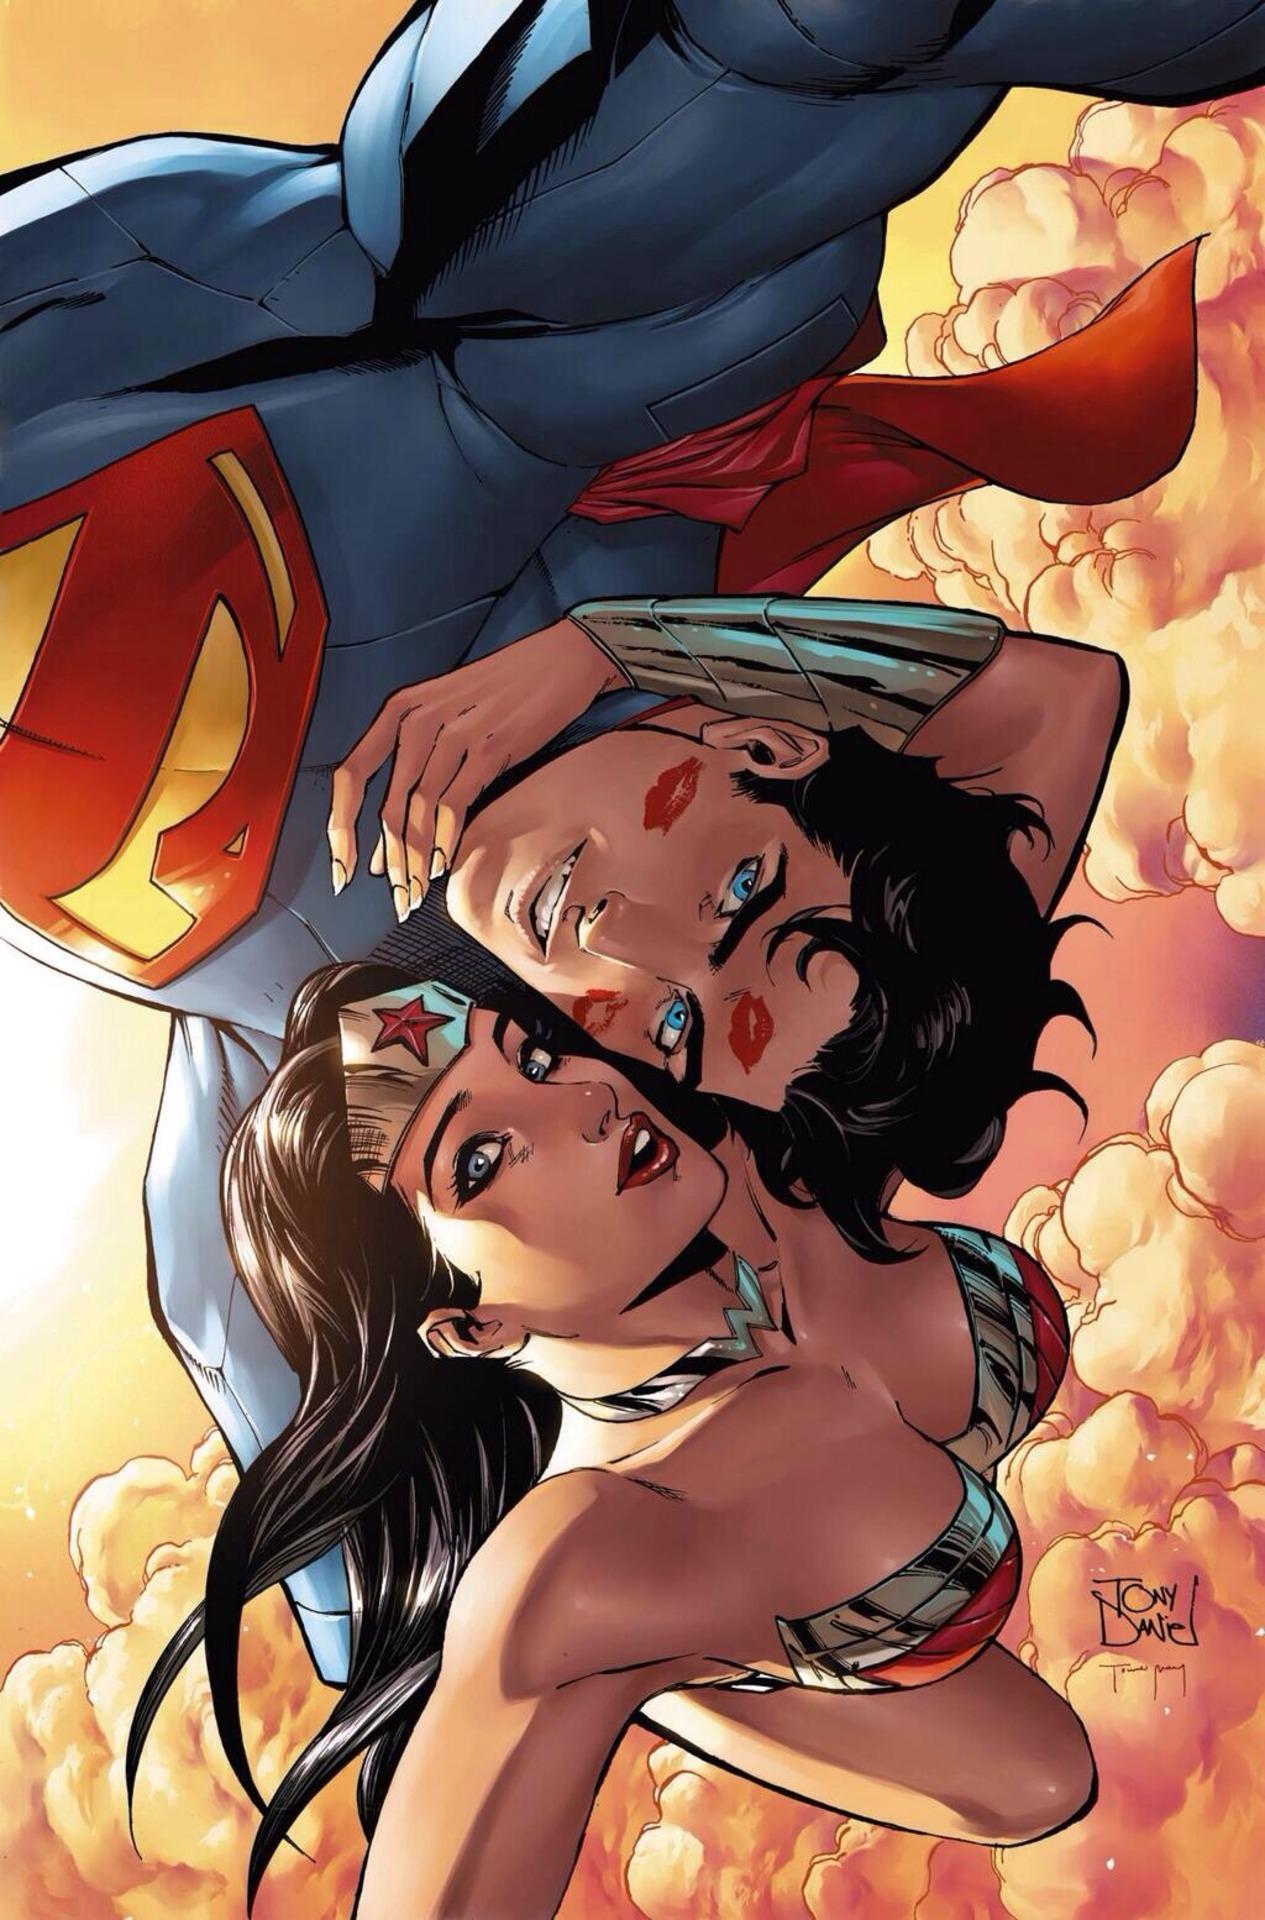 Супер член супермена 14 фотография